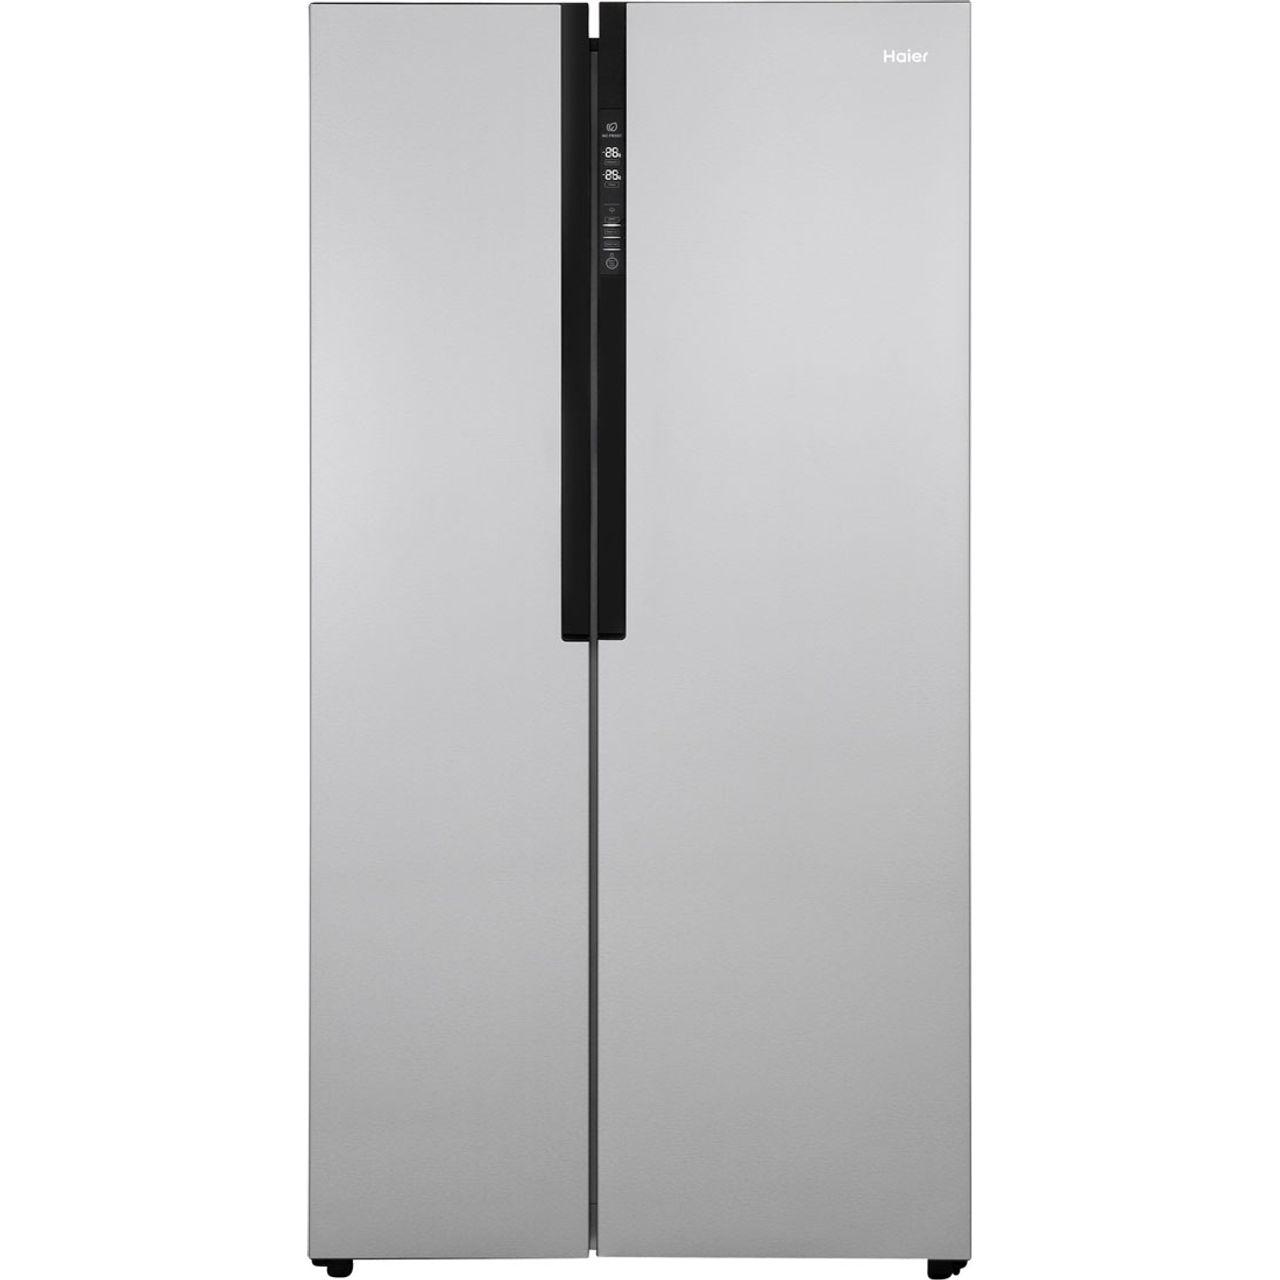 Bosch Kühlschrank Kgn 39 Xi 45 : Kühl & gefrierschränke schnaeppschenjaeger.de